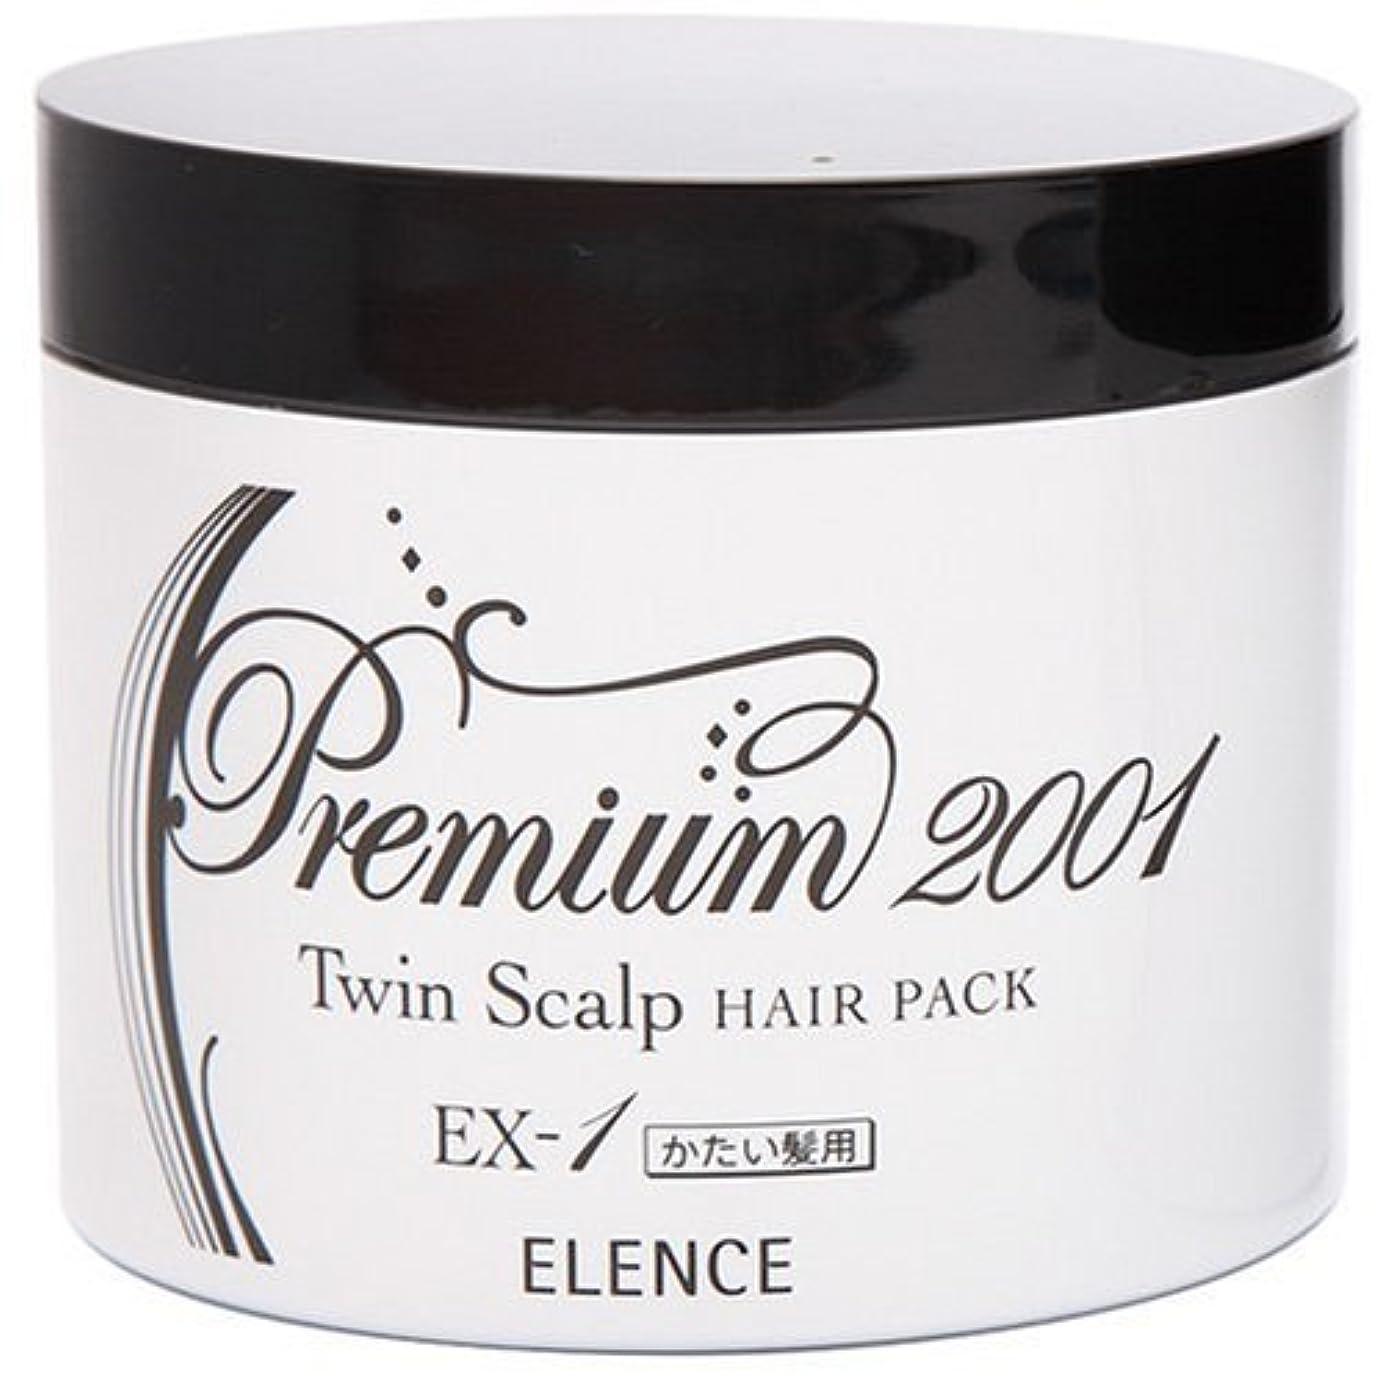 ジェット肘長々とエレンス2001 ツインスキャルプヘアパックEX-1(かたい髪用)